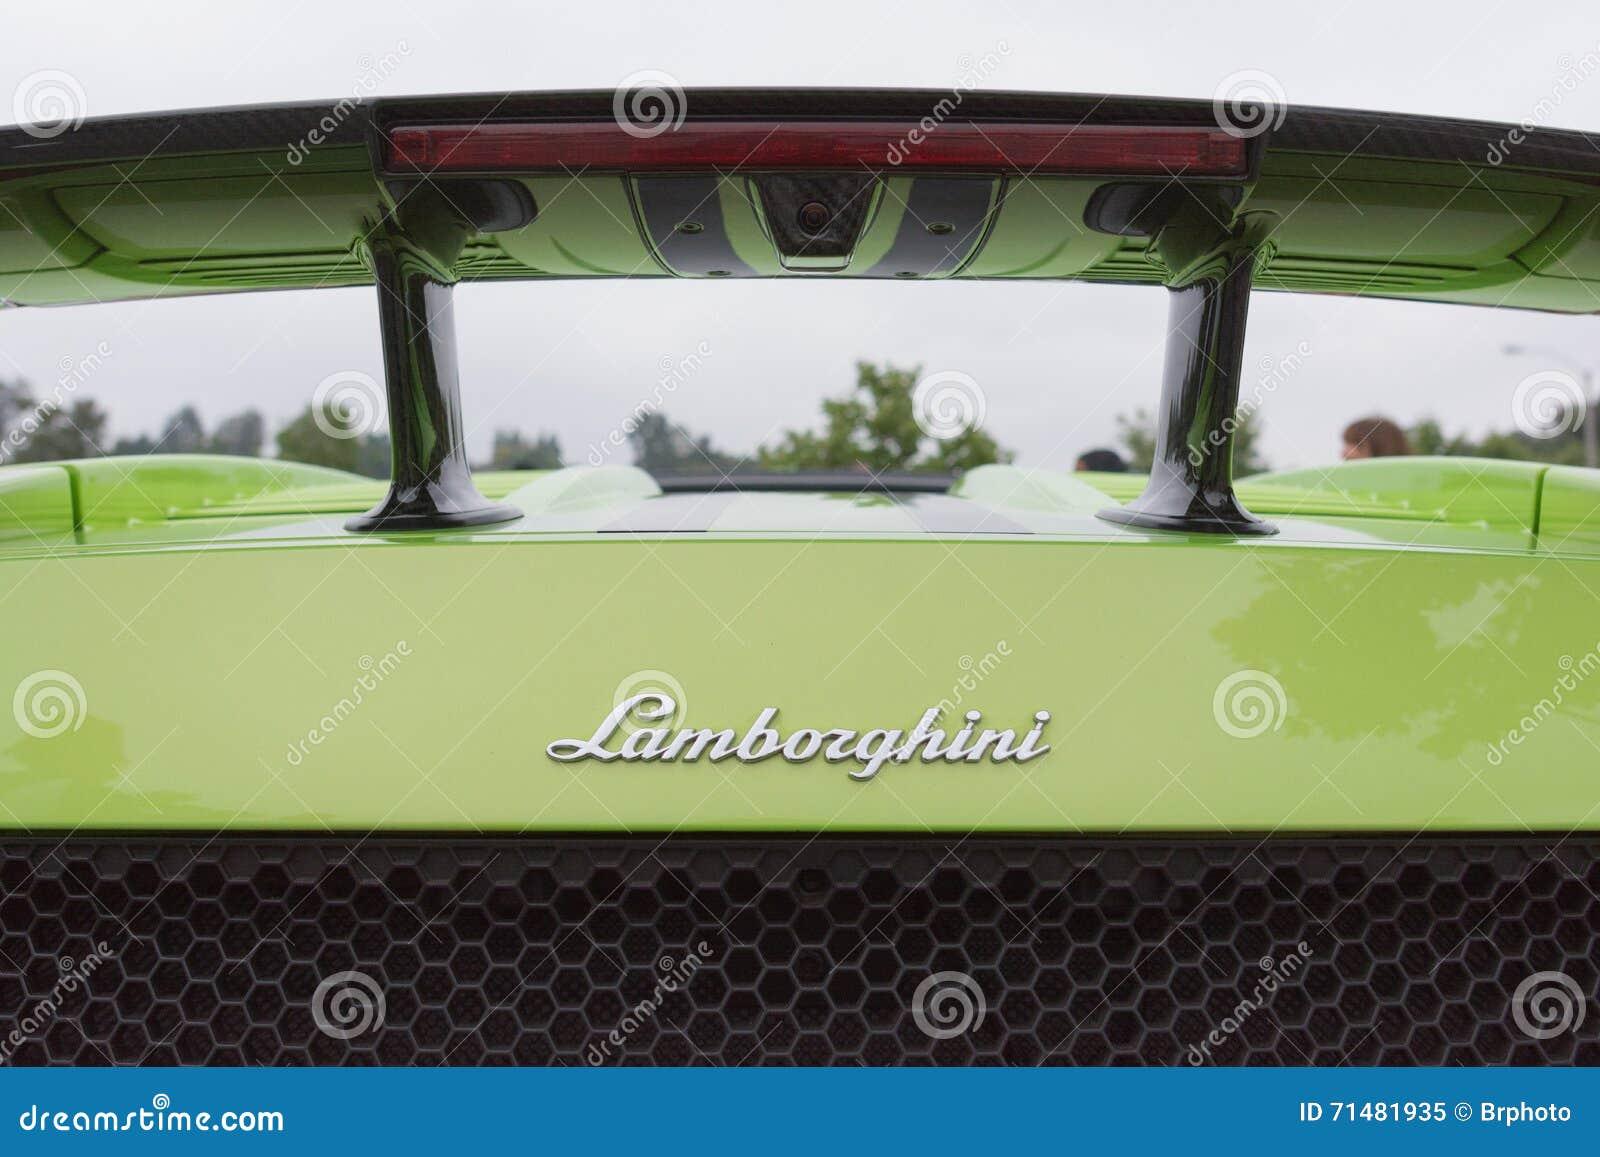 Logorückseite Lamborghinis Gallardo